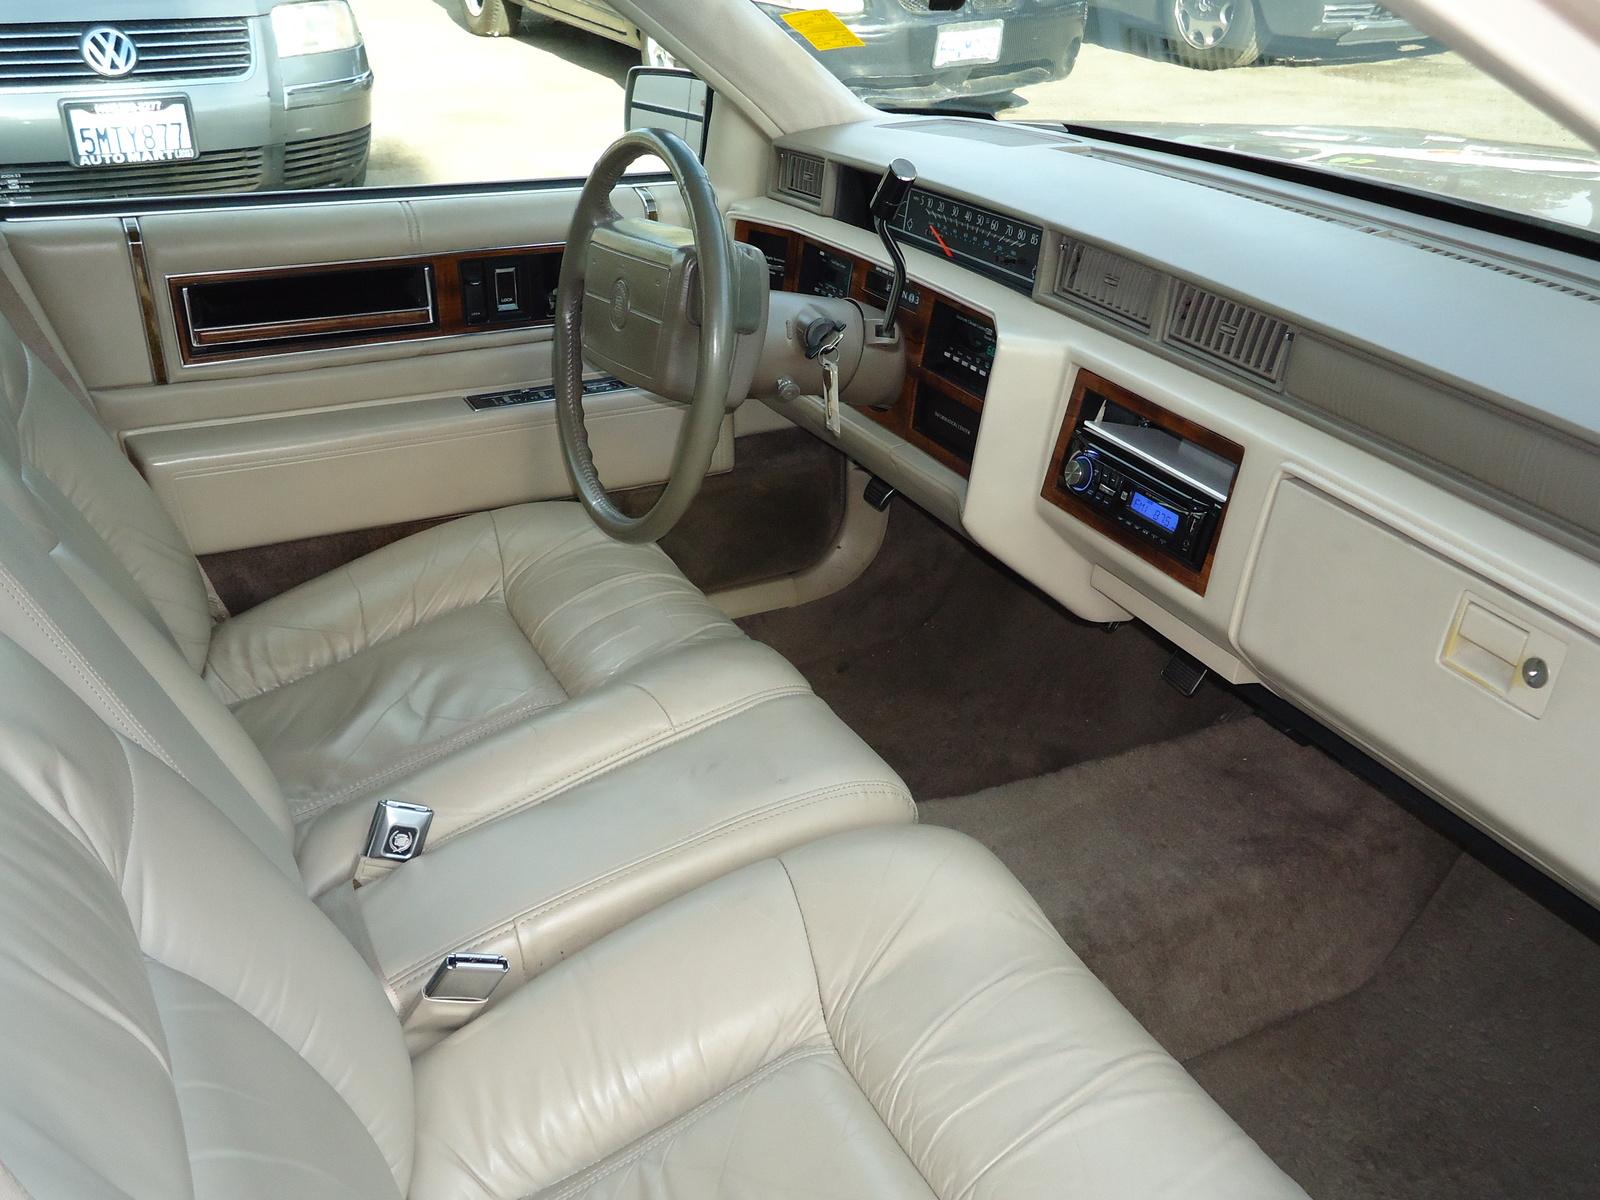 1993 Cadillac Deville Interior Pictures Cargurus